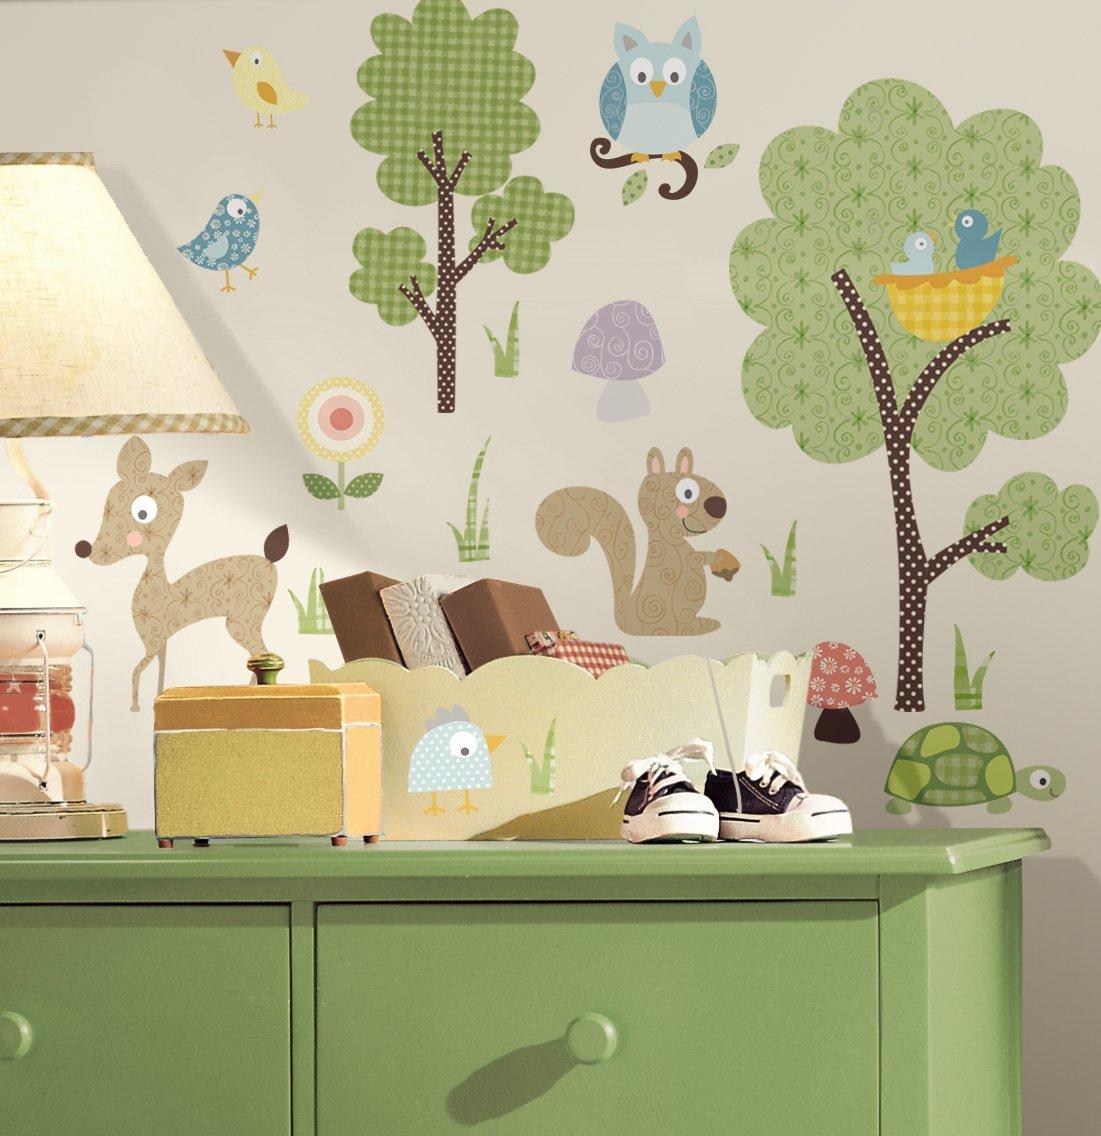 Wandsticker Baby RoomMates